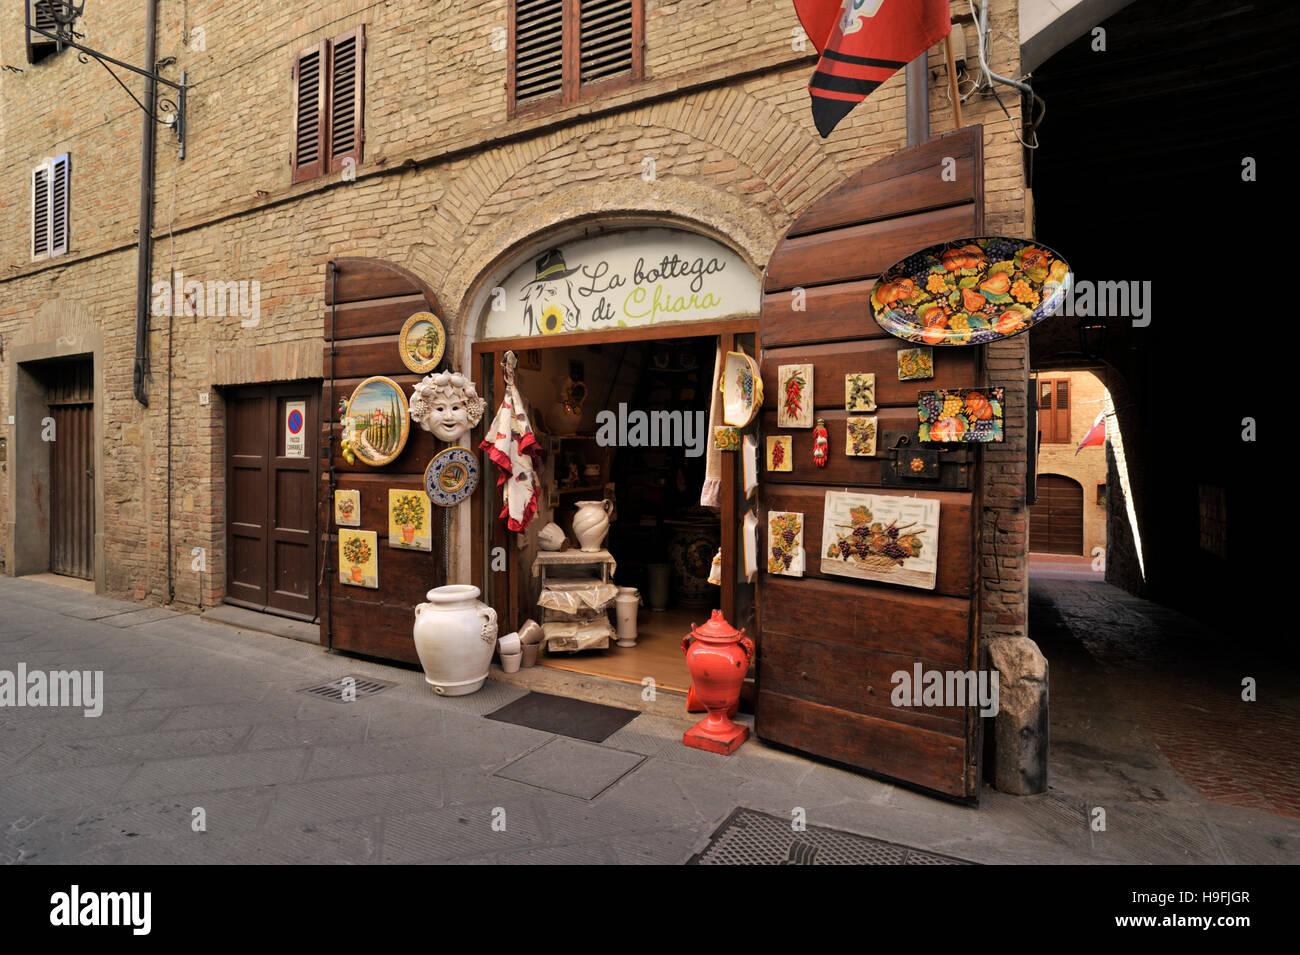 casole d'elsa, tuscany, italy Stock Photo